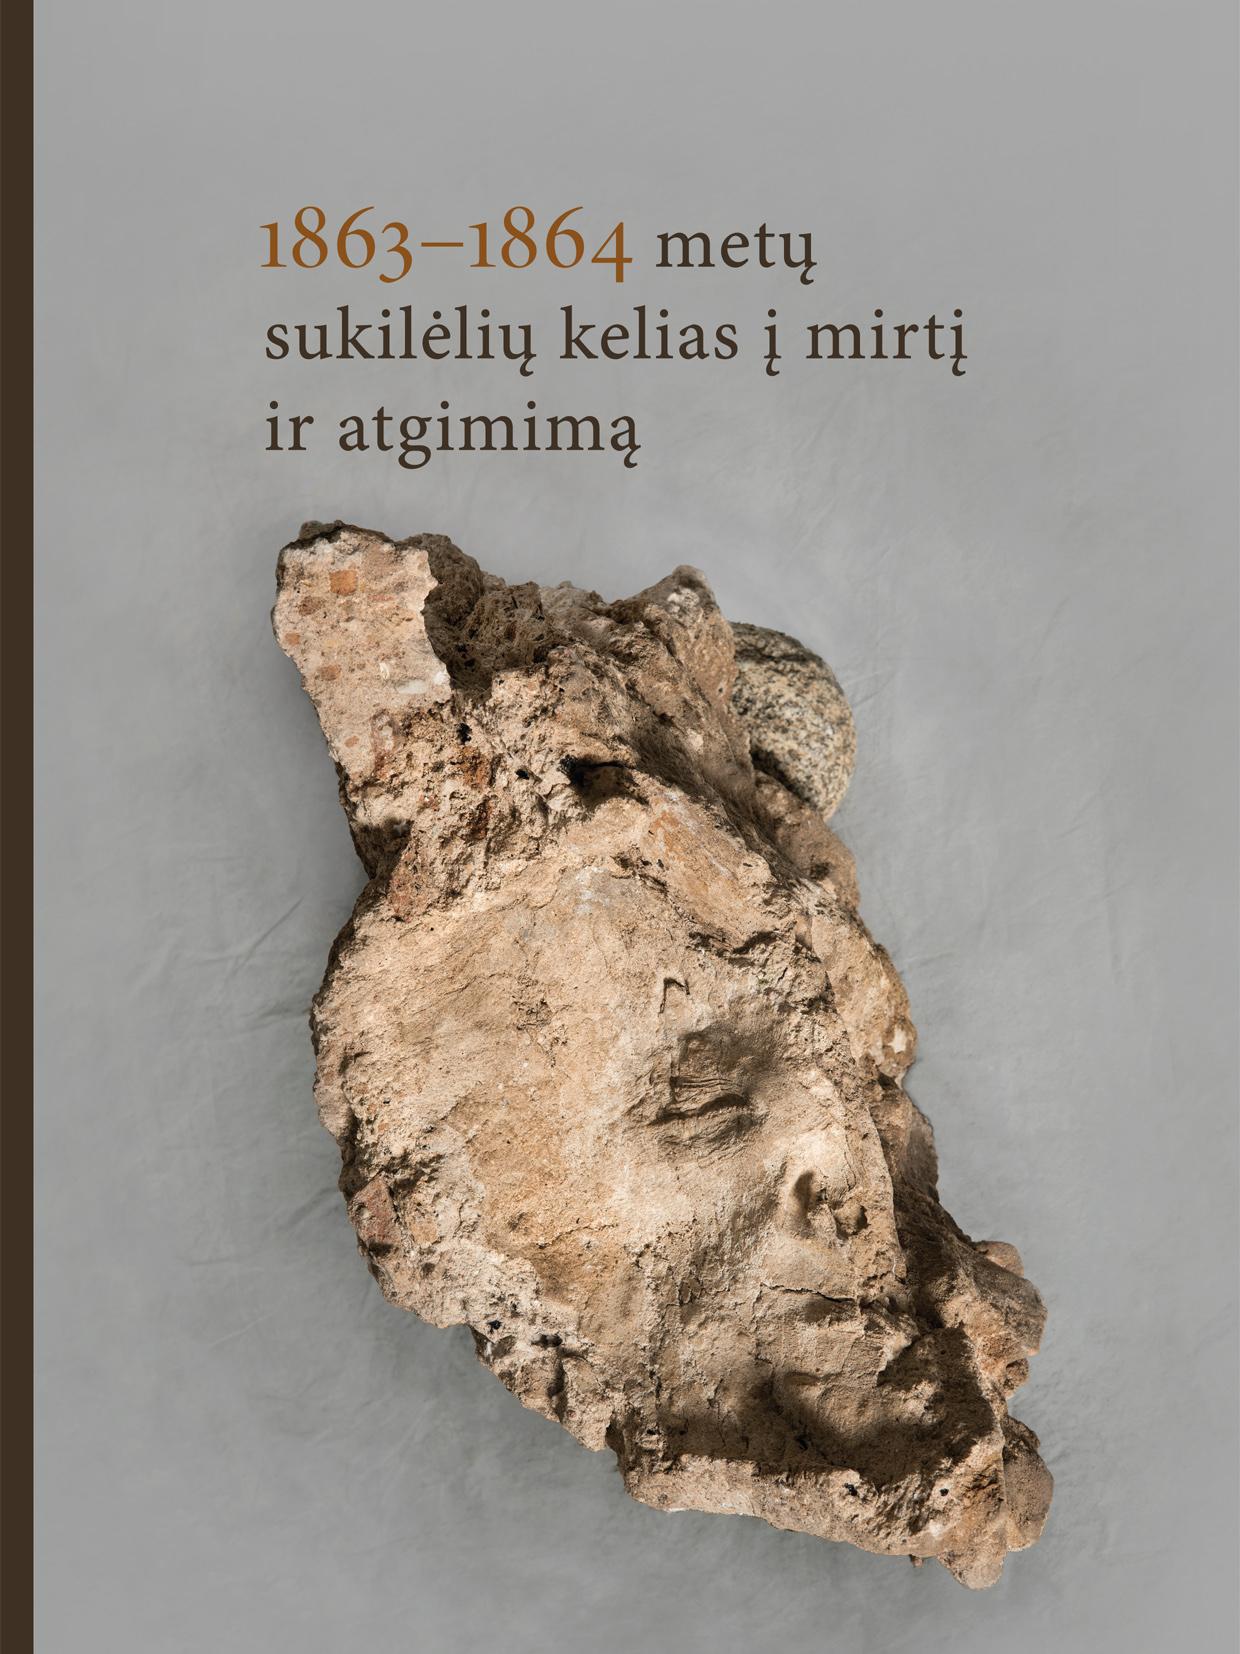 """Monografija """"1863-1864 metų sukilėlių kelias į mirtį ir atgimimą""""   Lietuvos nacionalinio muziejaus nuotr."""